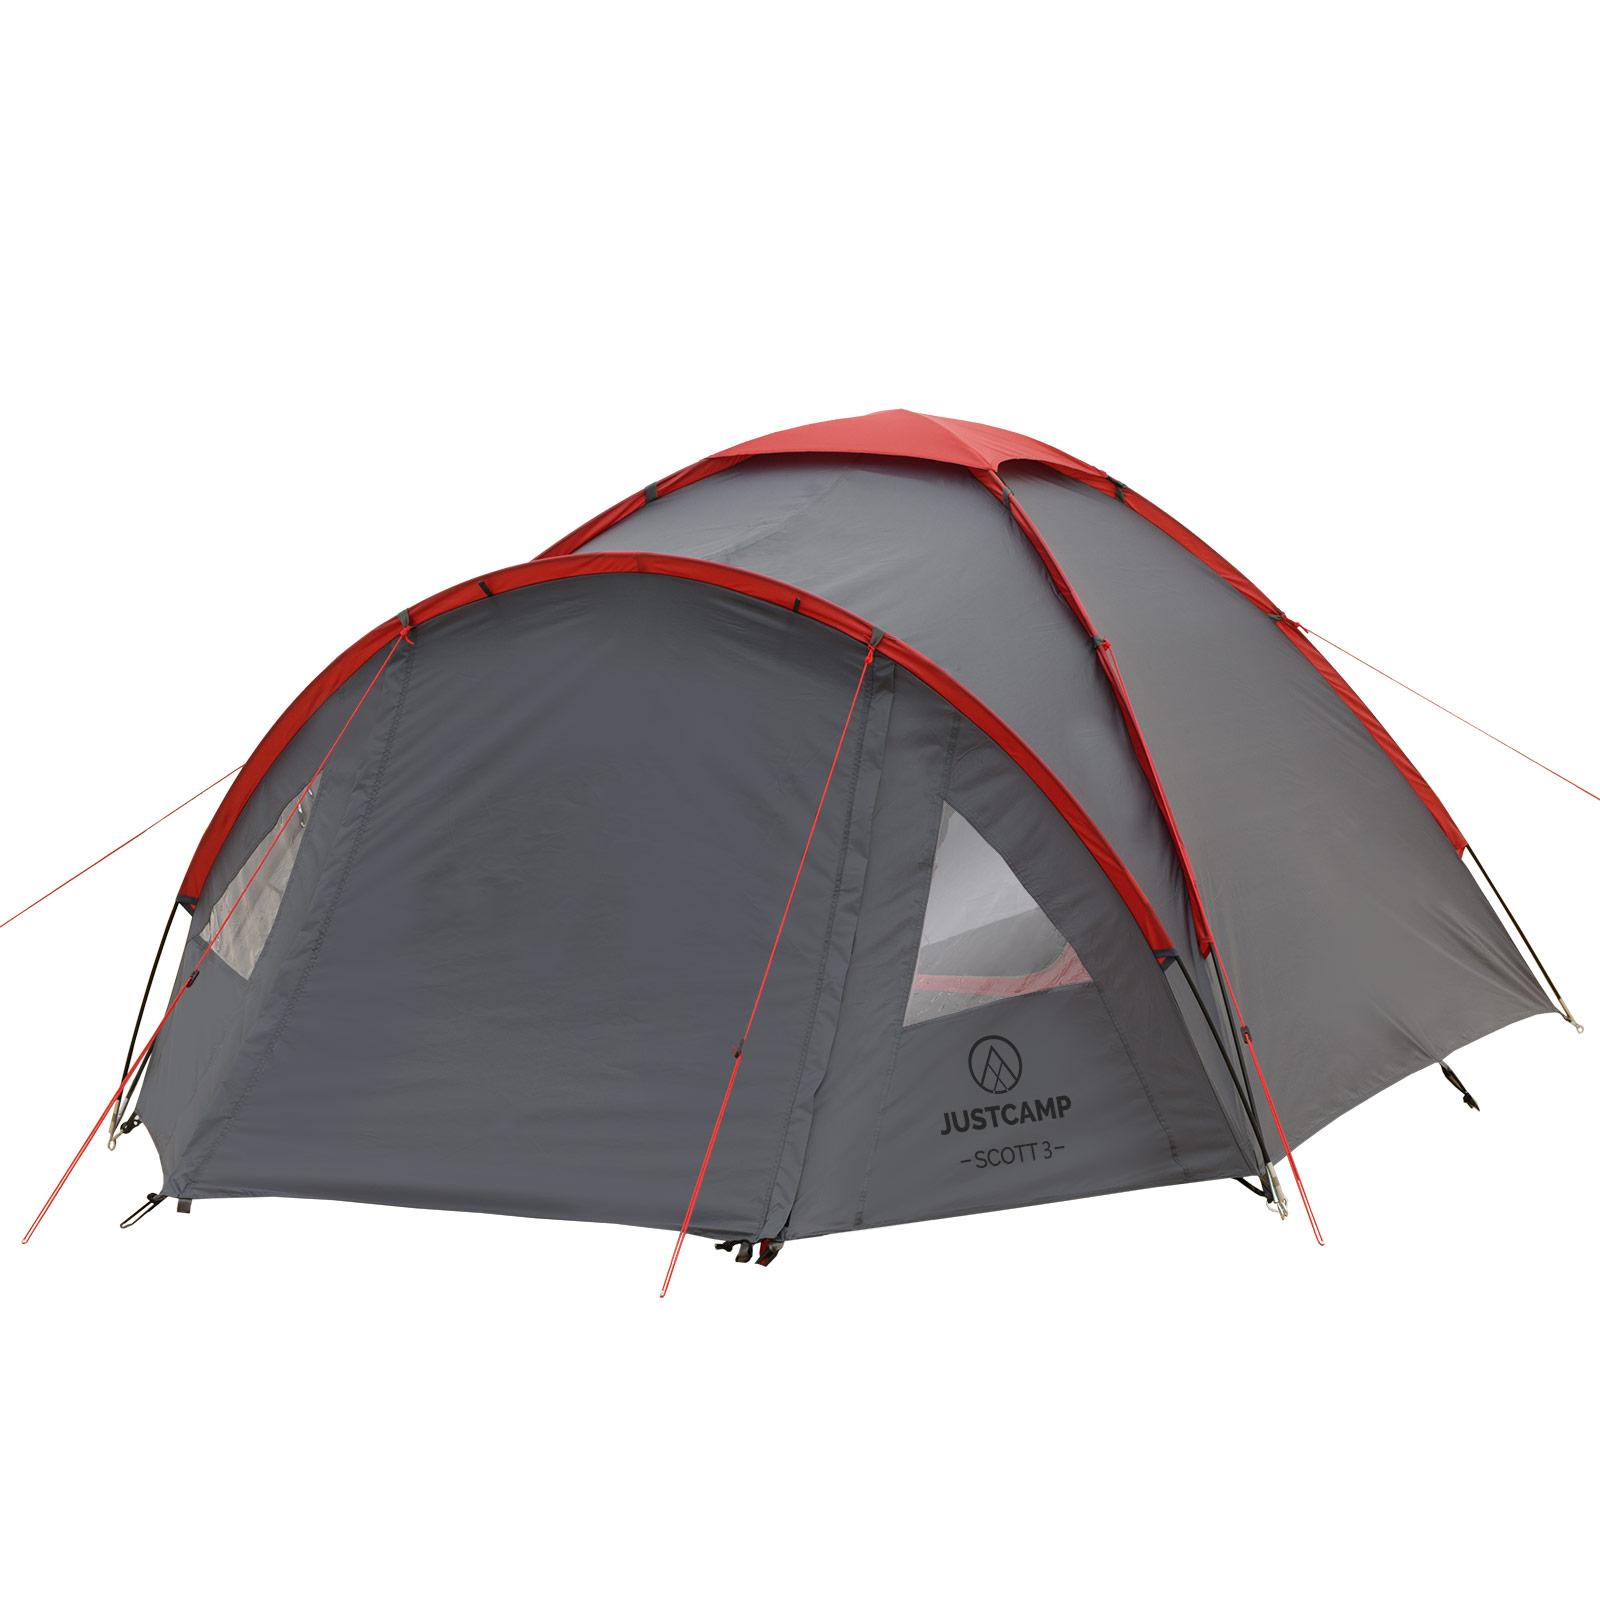 campingzelt justcamp scott 3 mann zelt igluzelt kuppelzelt. Black Bedroom Furniture Sets. Home Design Ideas